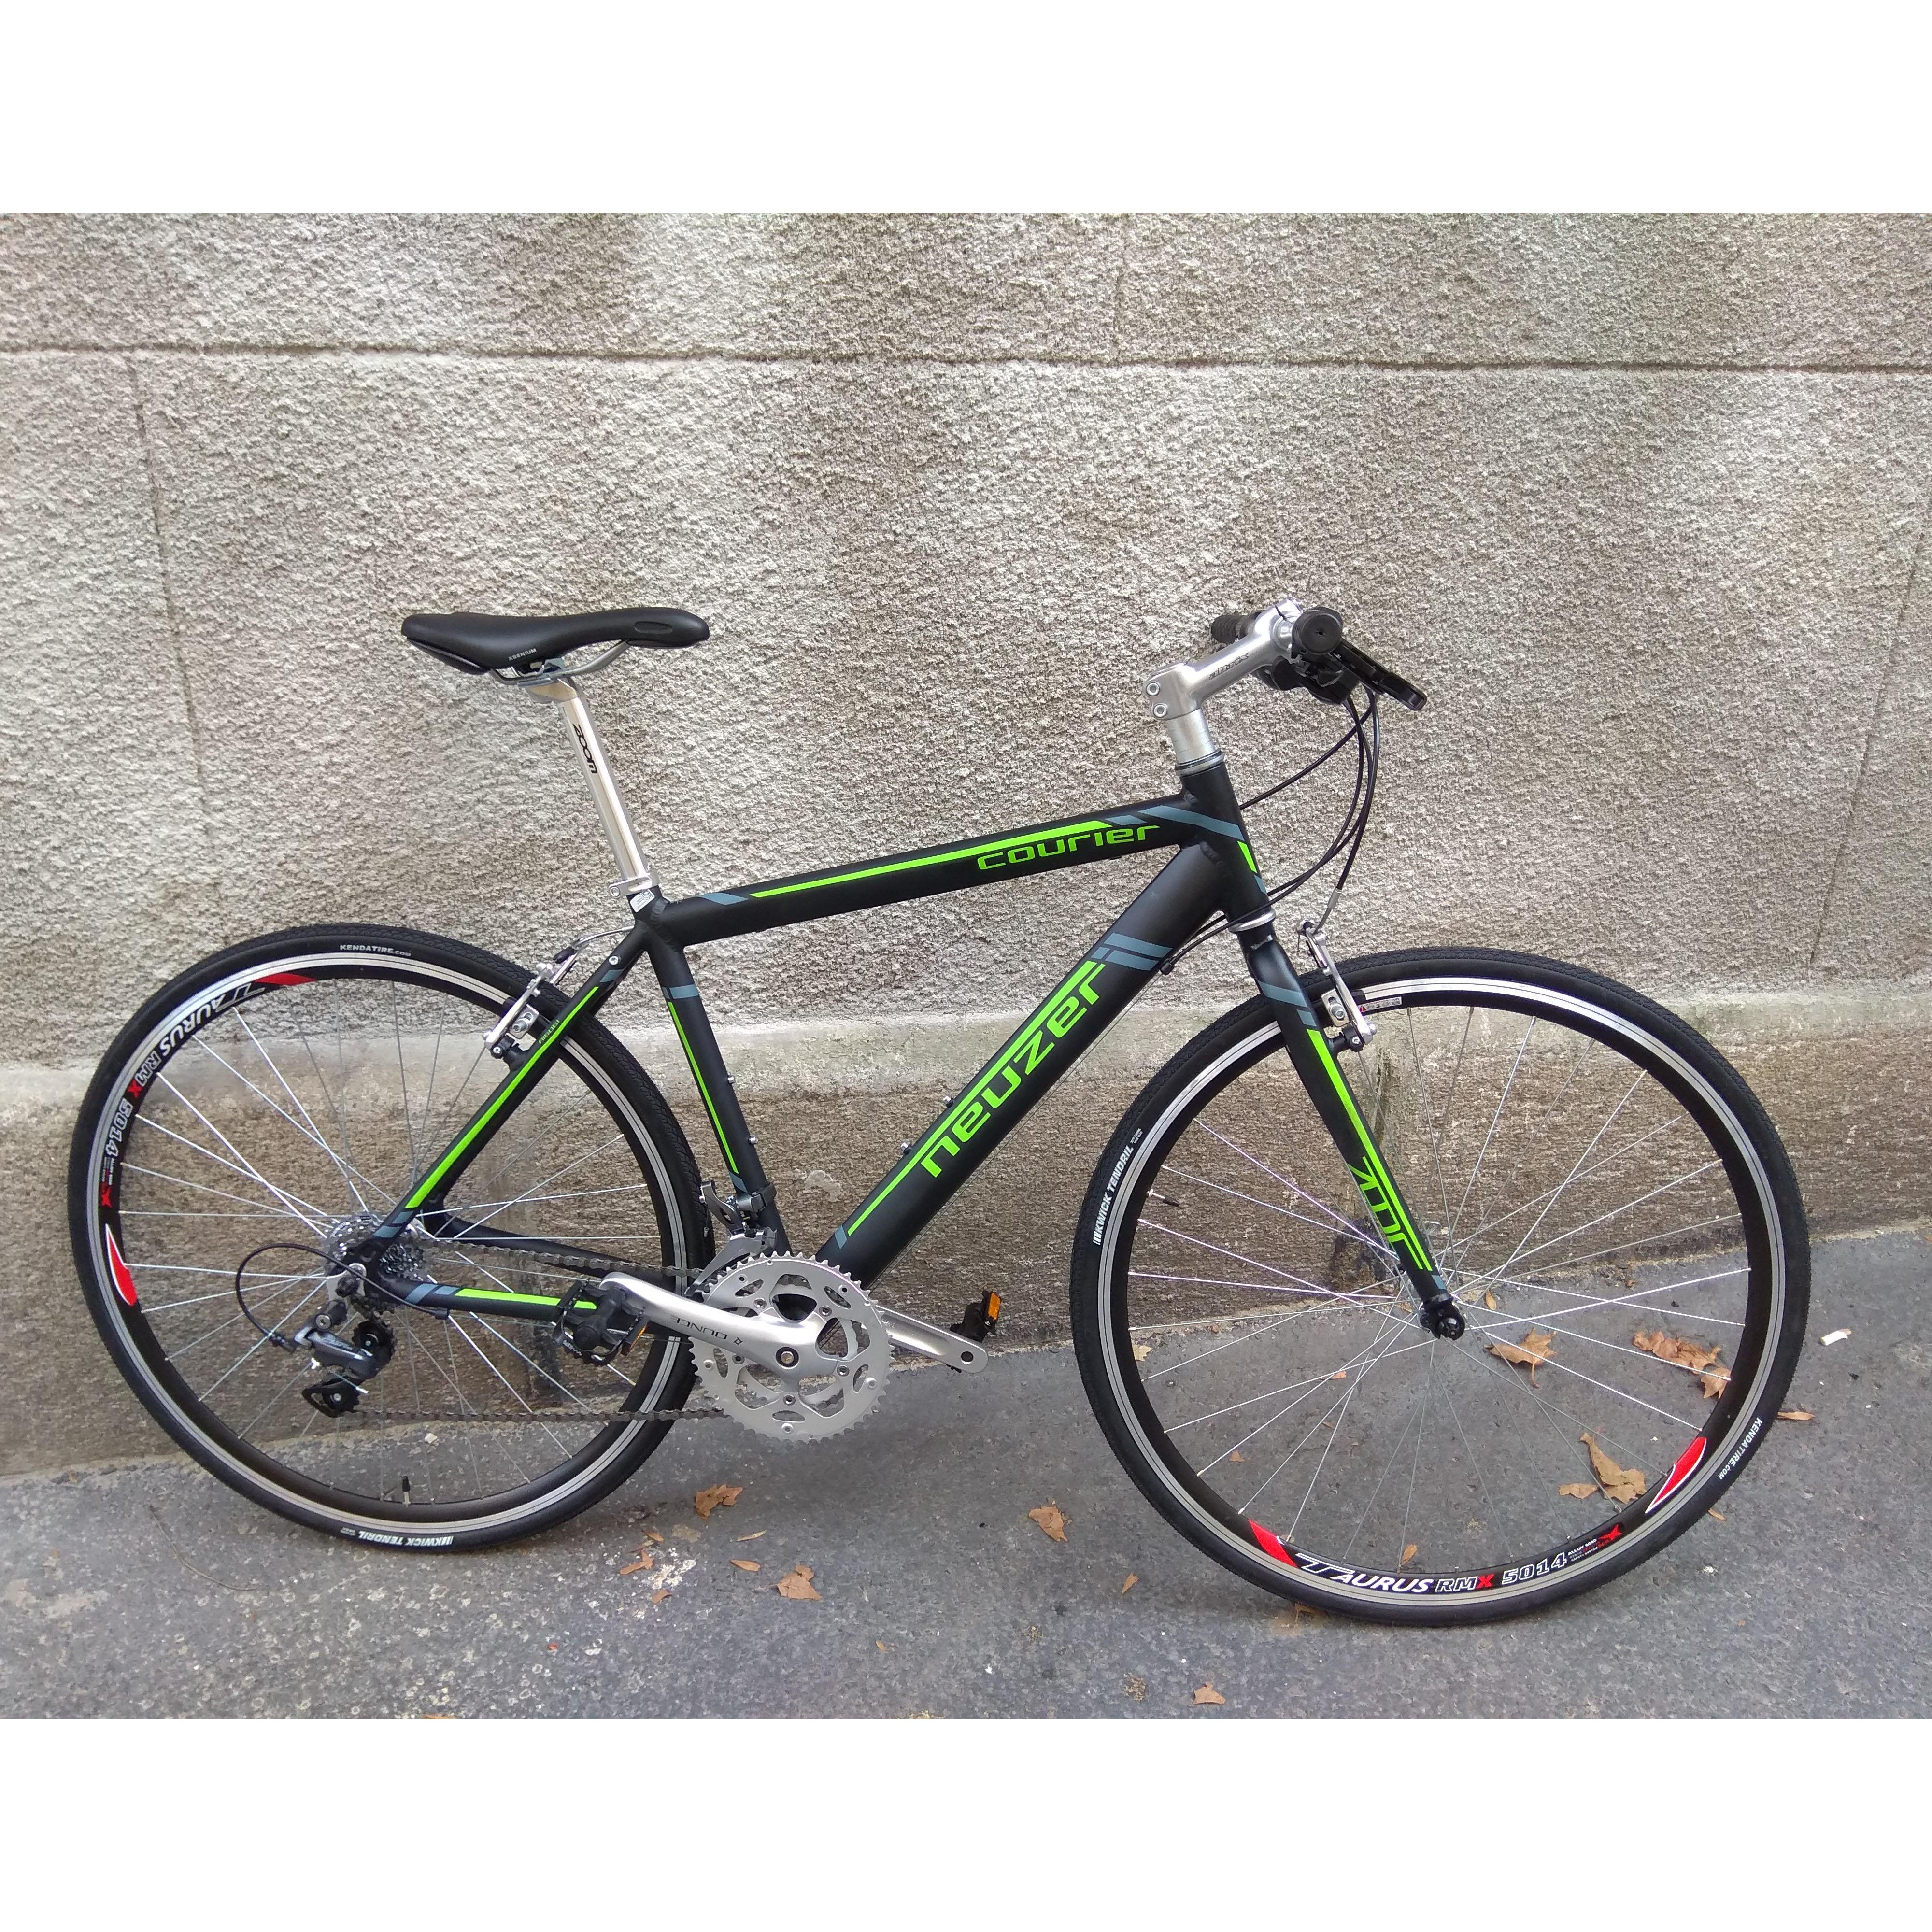 Neuzet Courier dt 2019 zöld fekete fitness kerékpár